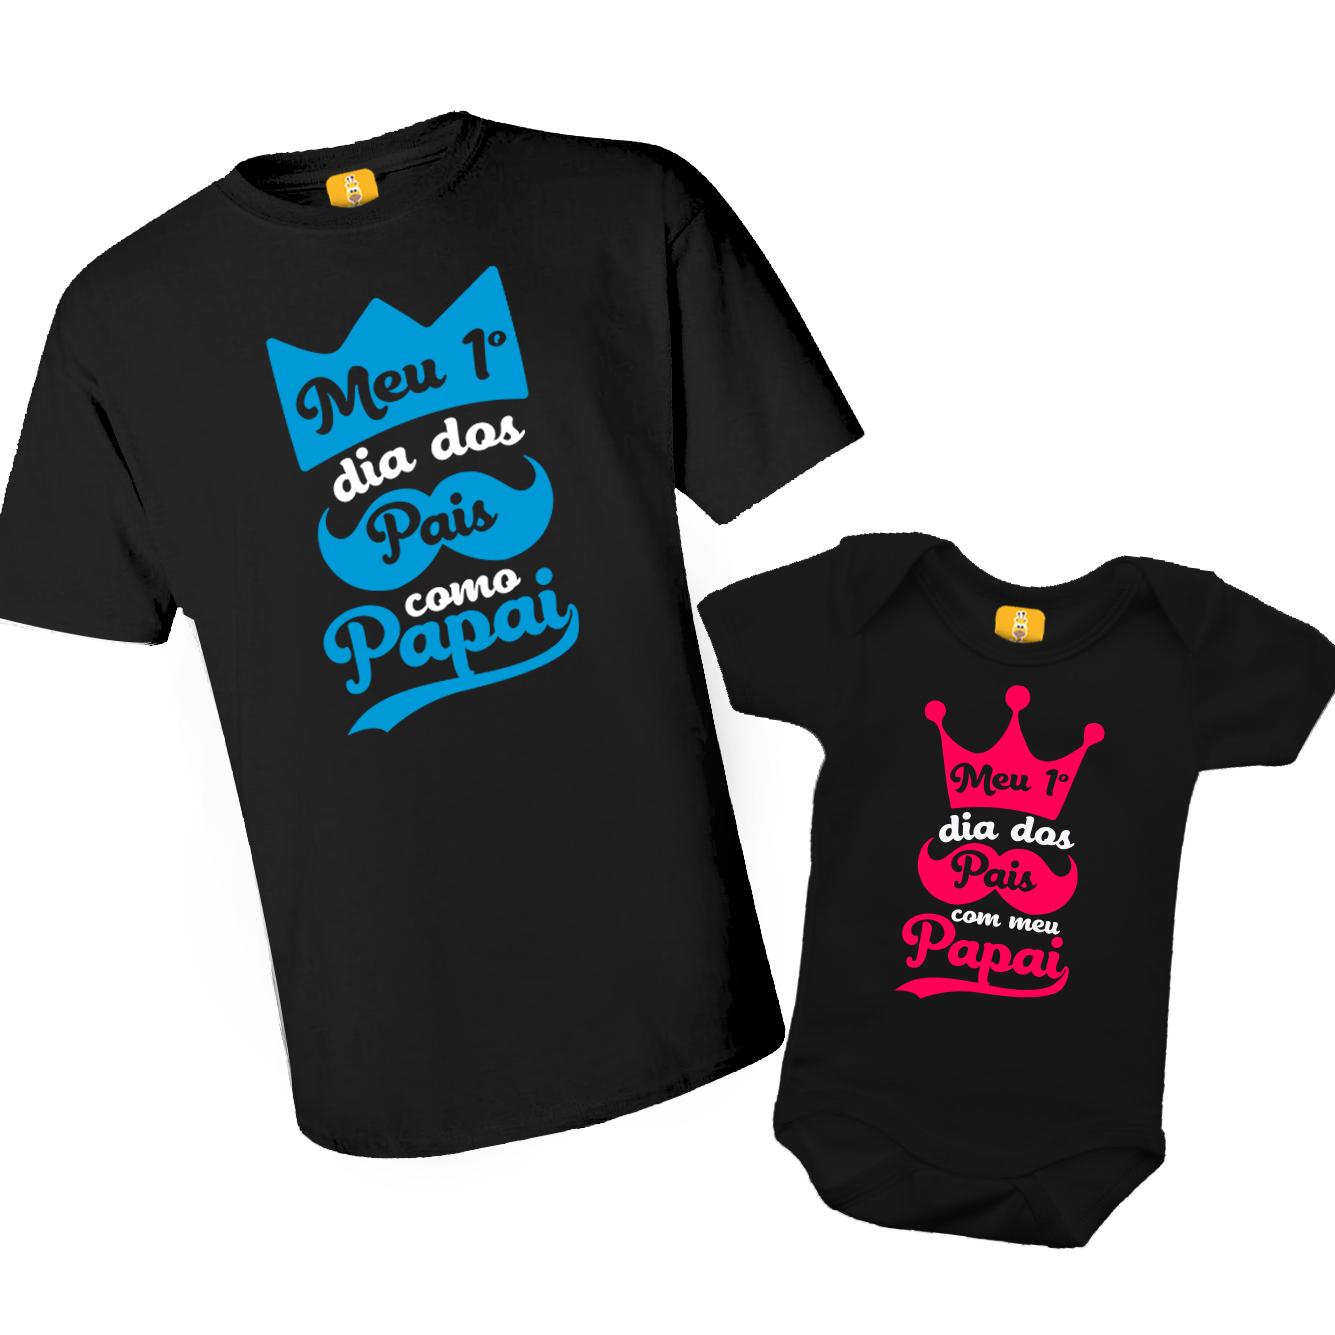 Kit Camiseta e Body - Meu primeiro dia dos Pais como Papai - Realeza 2 Peças - PRETO